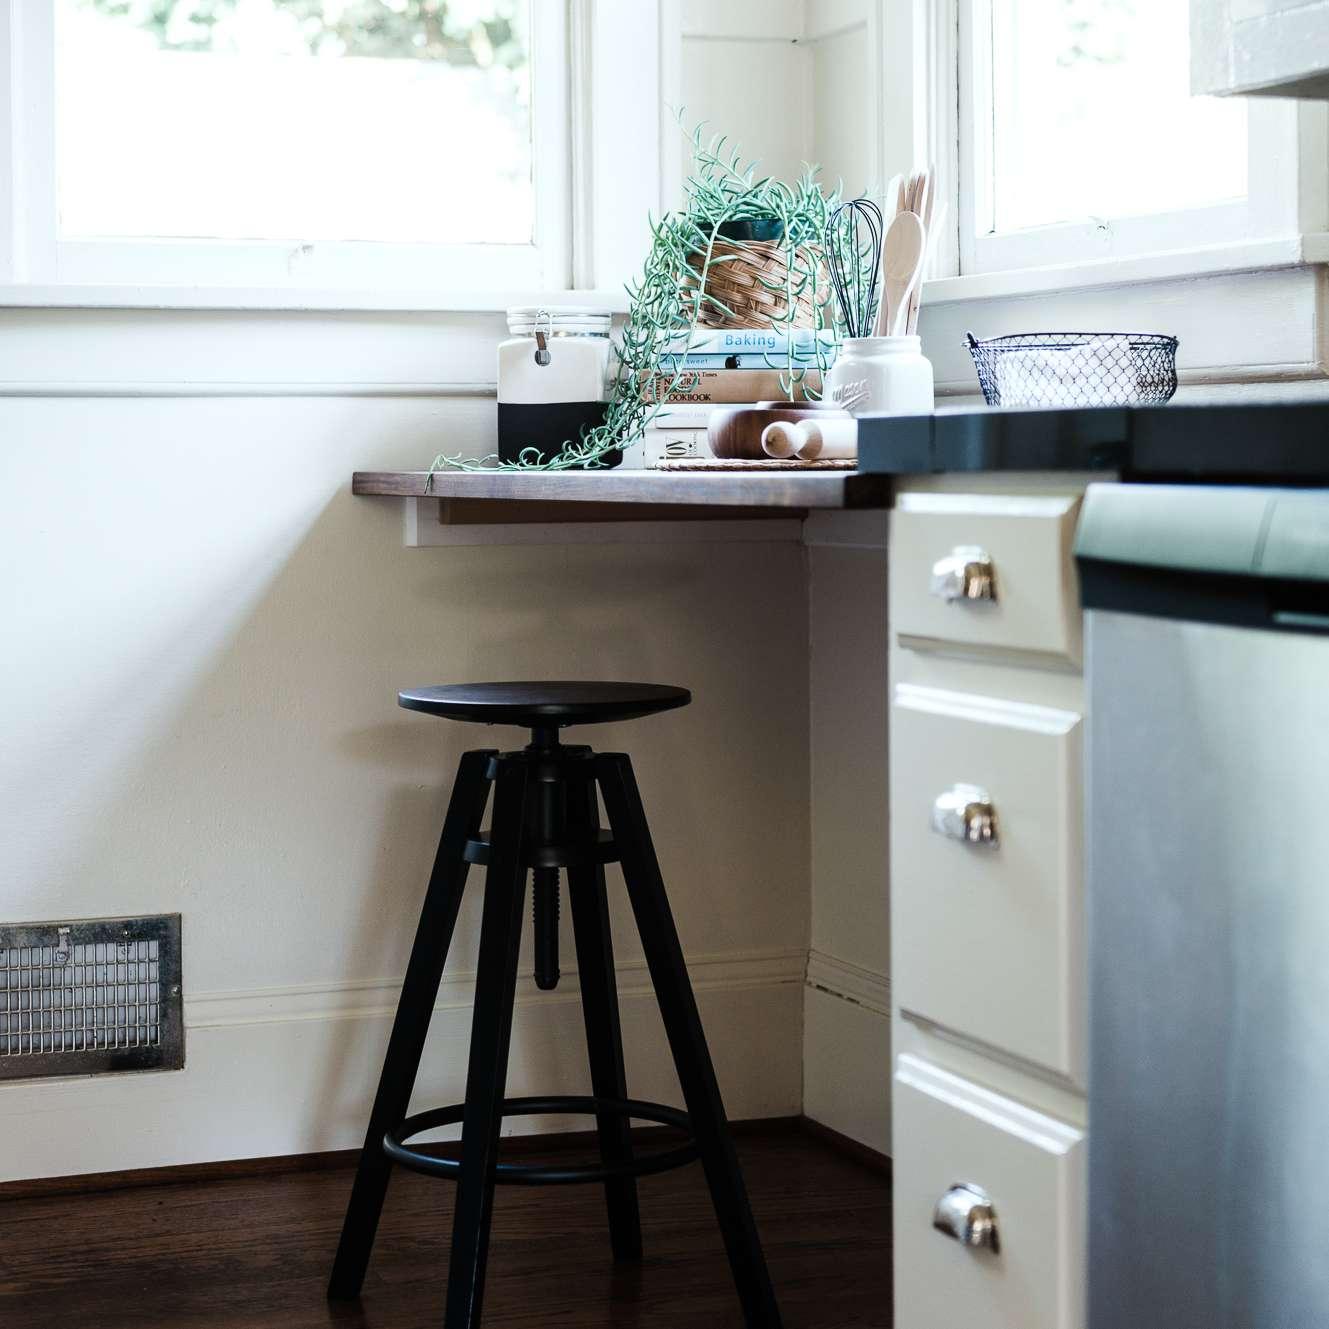 kitchen with a corner shelf installed